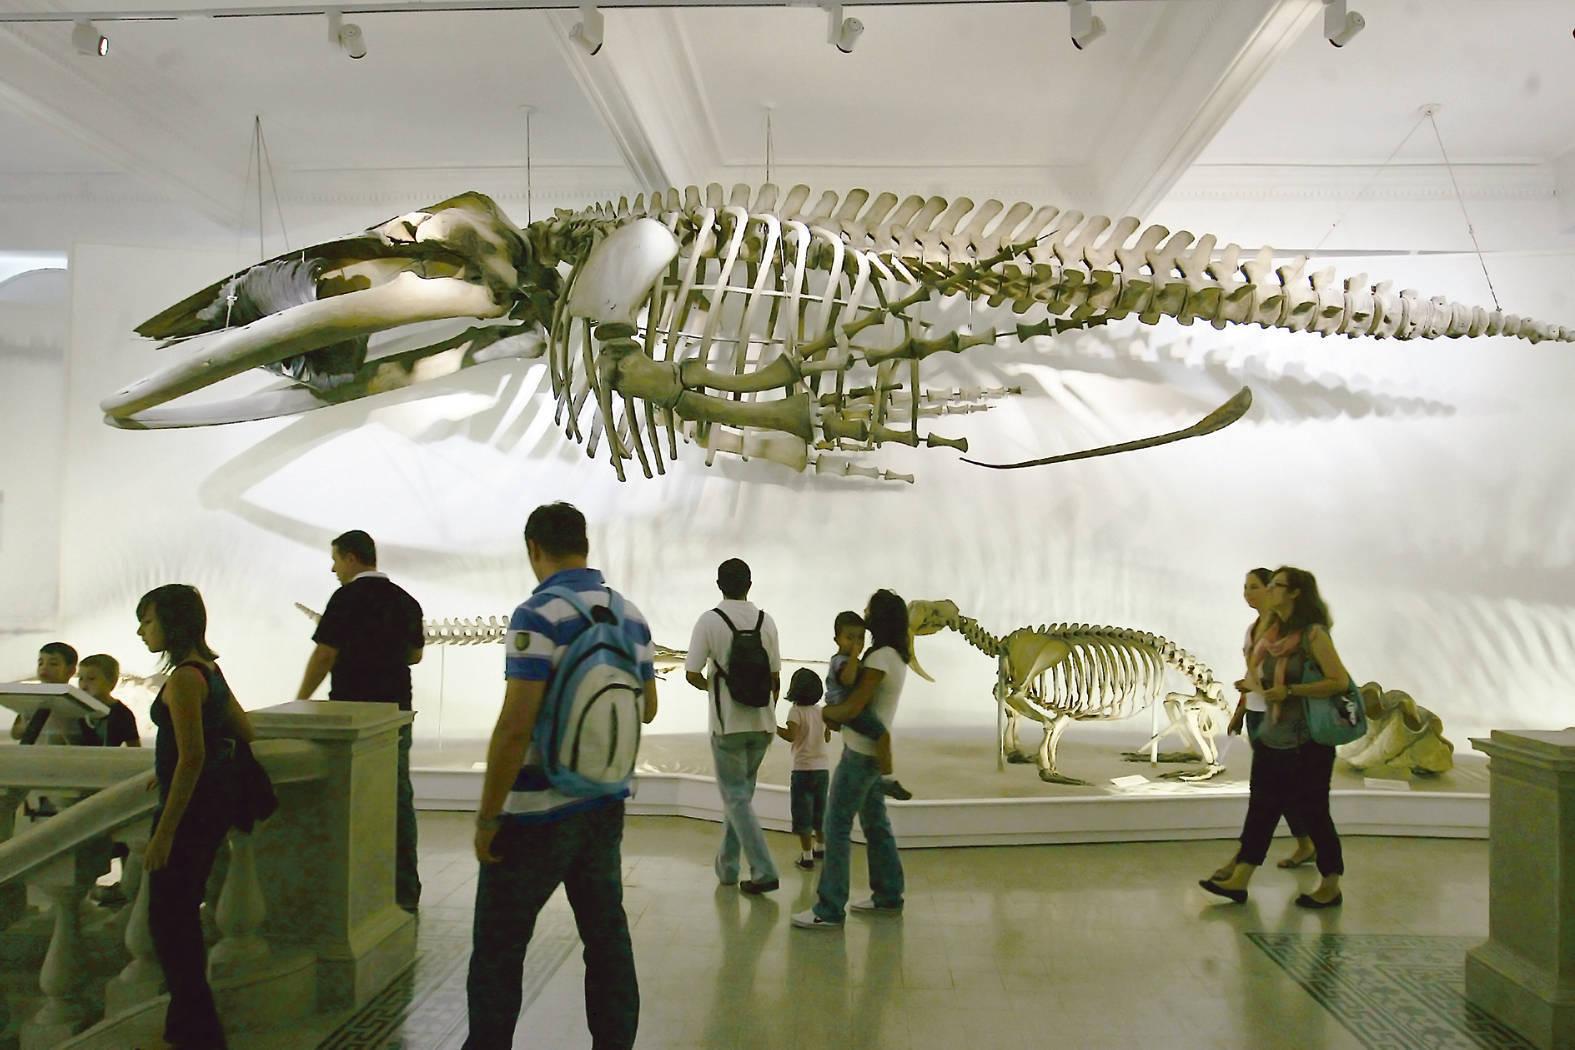 Expoziția oferă imagini vibrante ce par aproape vii